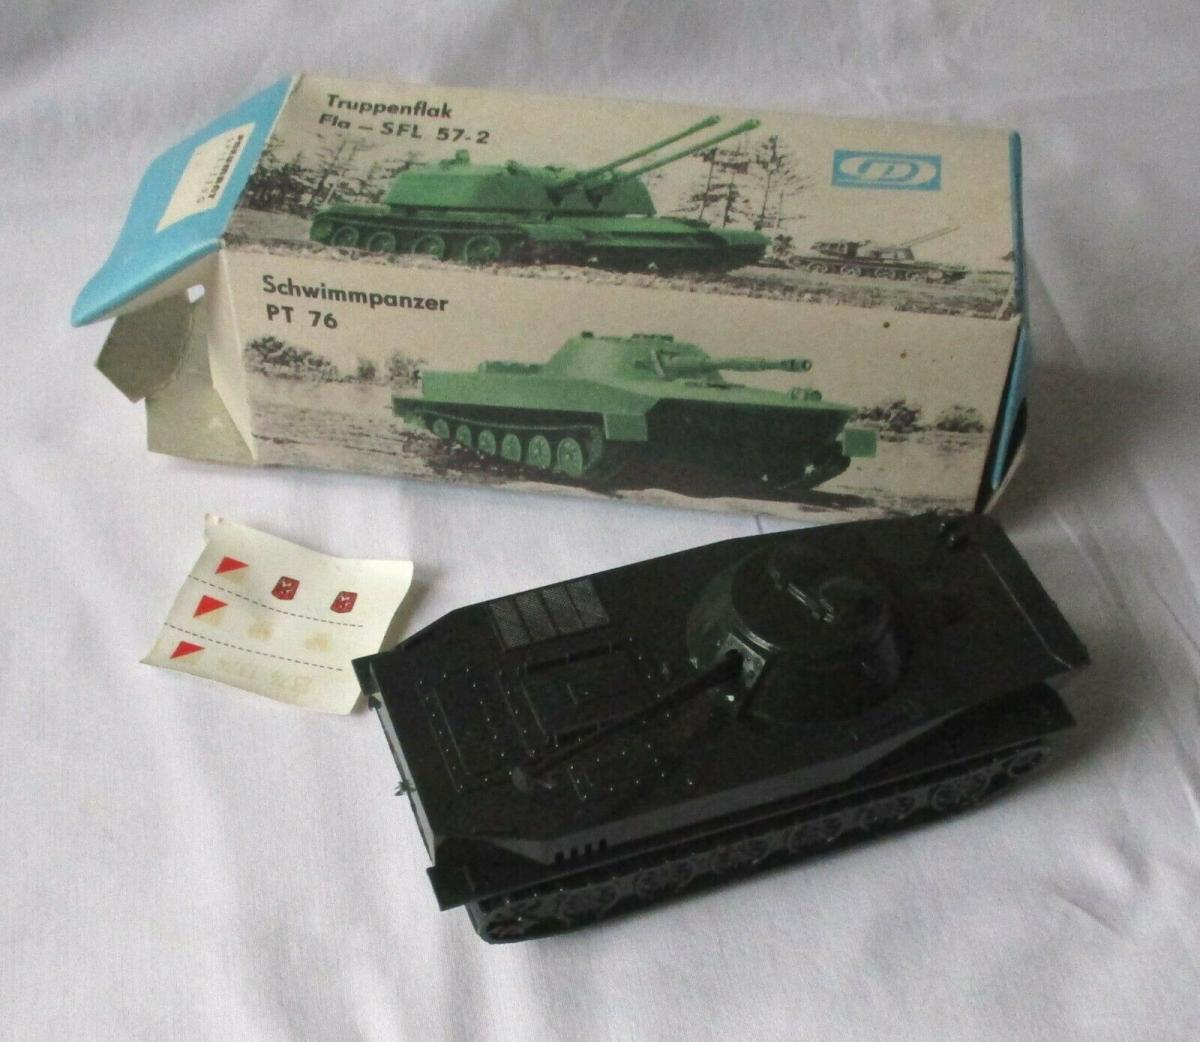 Modellbau Schwimmpanzer PT 76 Pneumat Spielzeug DDR VEB Plastaform OVP (109452) 0